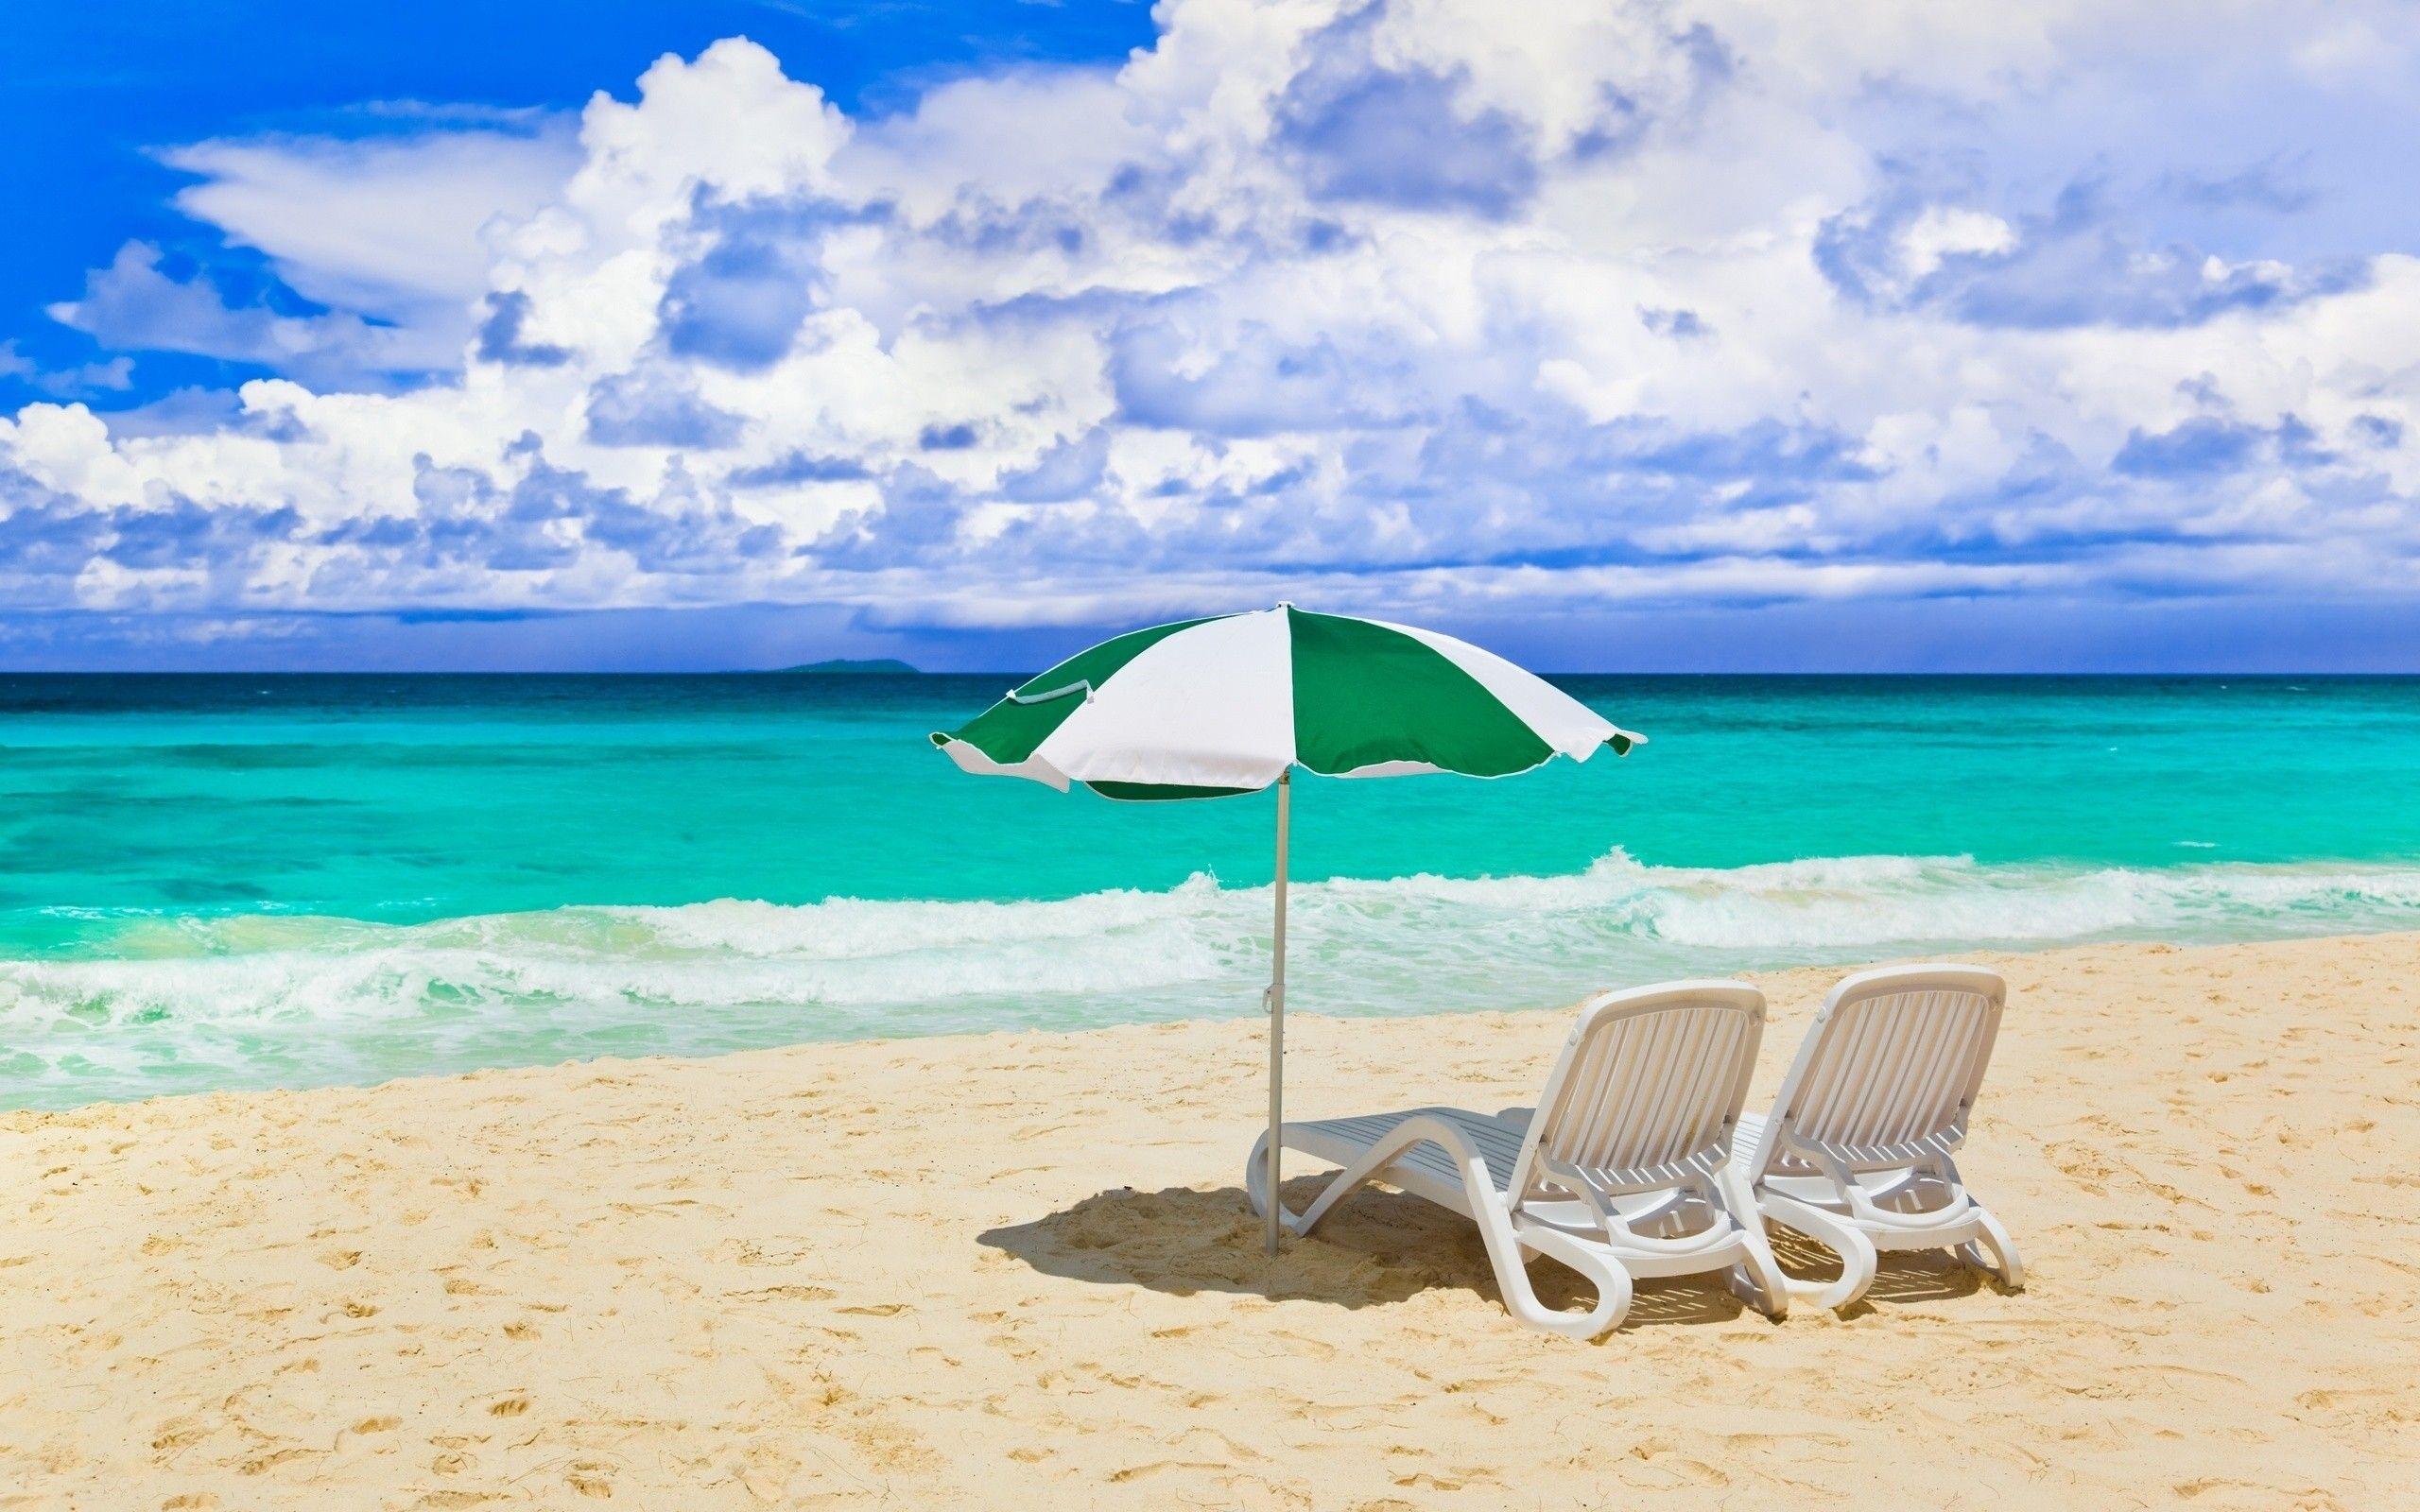 Liegestuhl mit sonnenschirm strand  Liegestühle